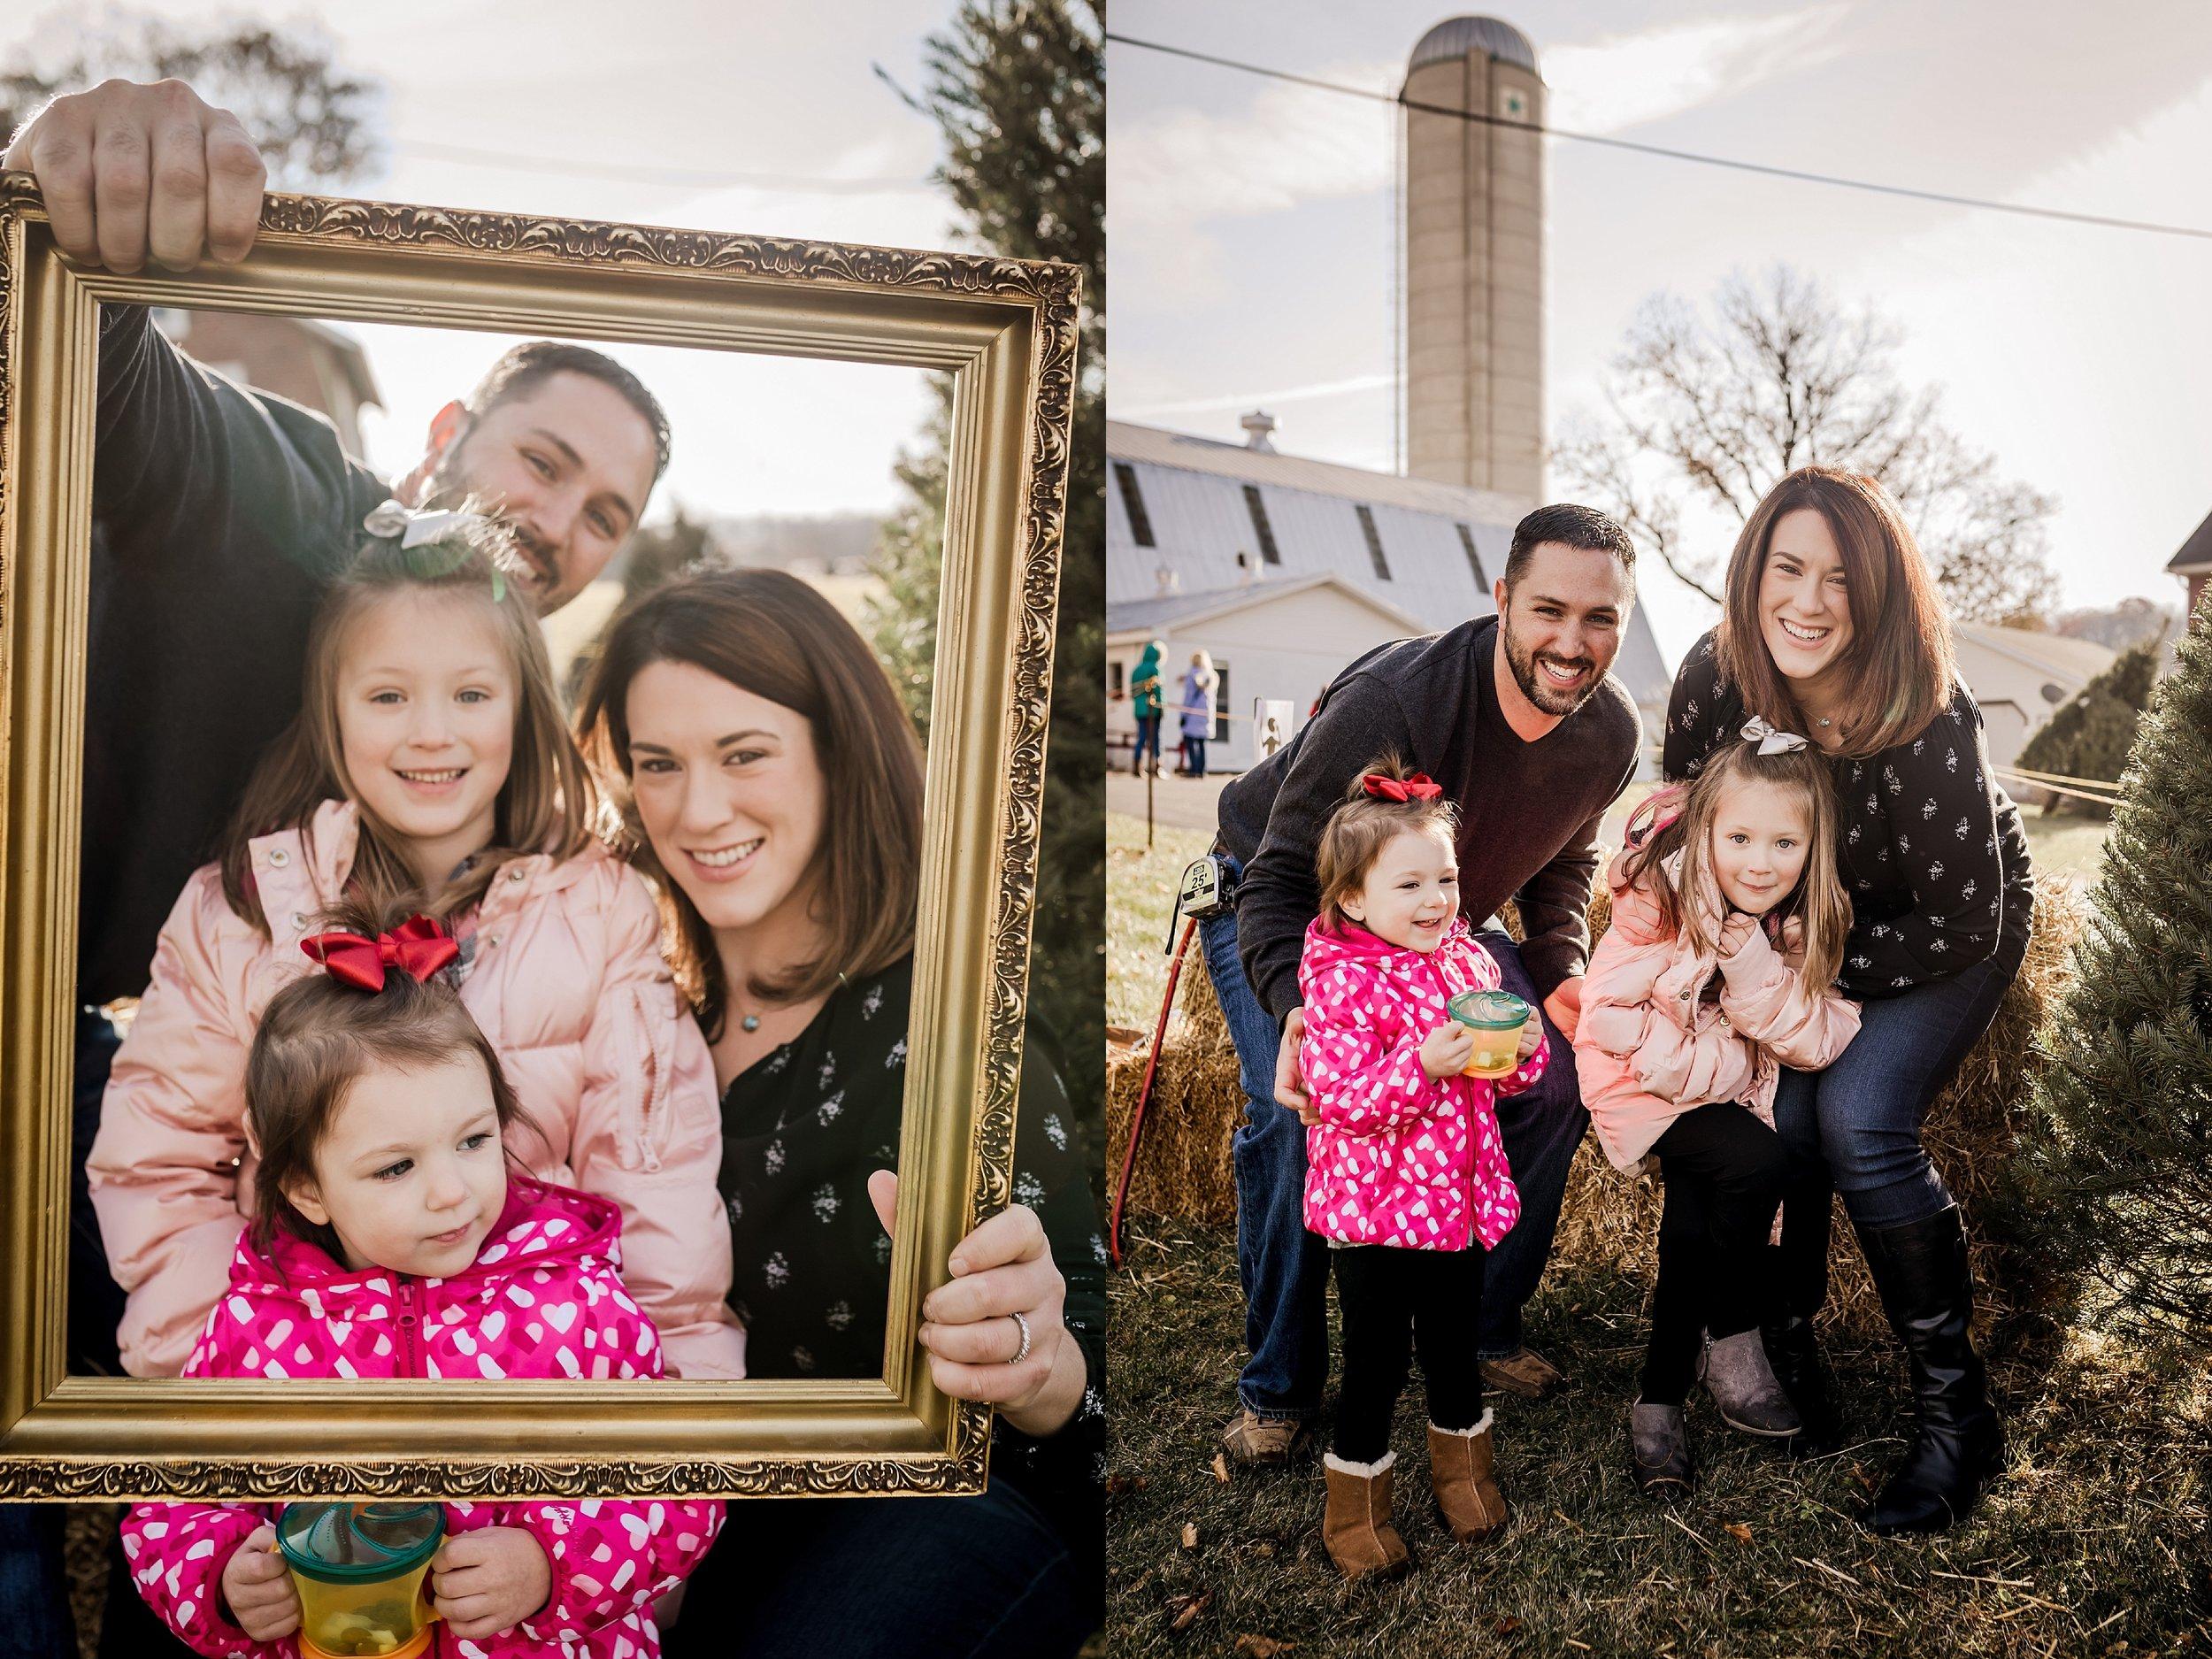 Lehigh-Valley-Documentary-Family-Photographer_0027.jpg